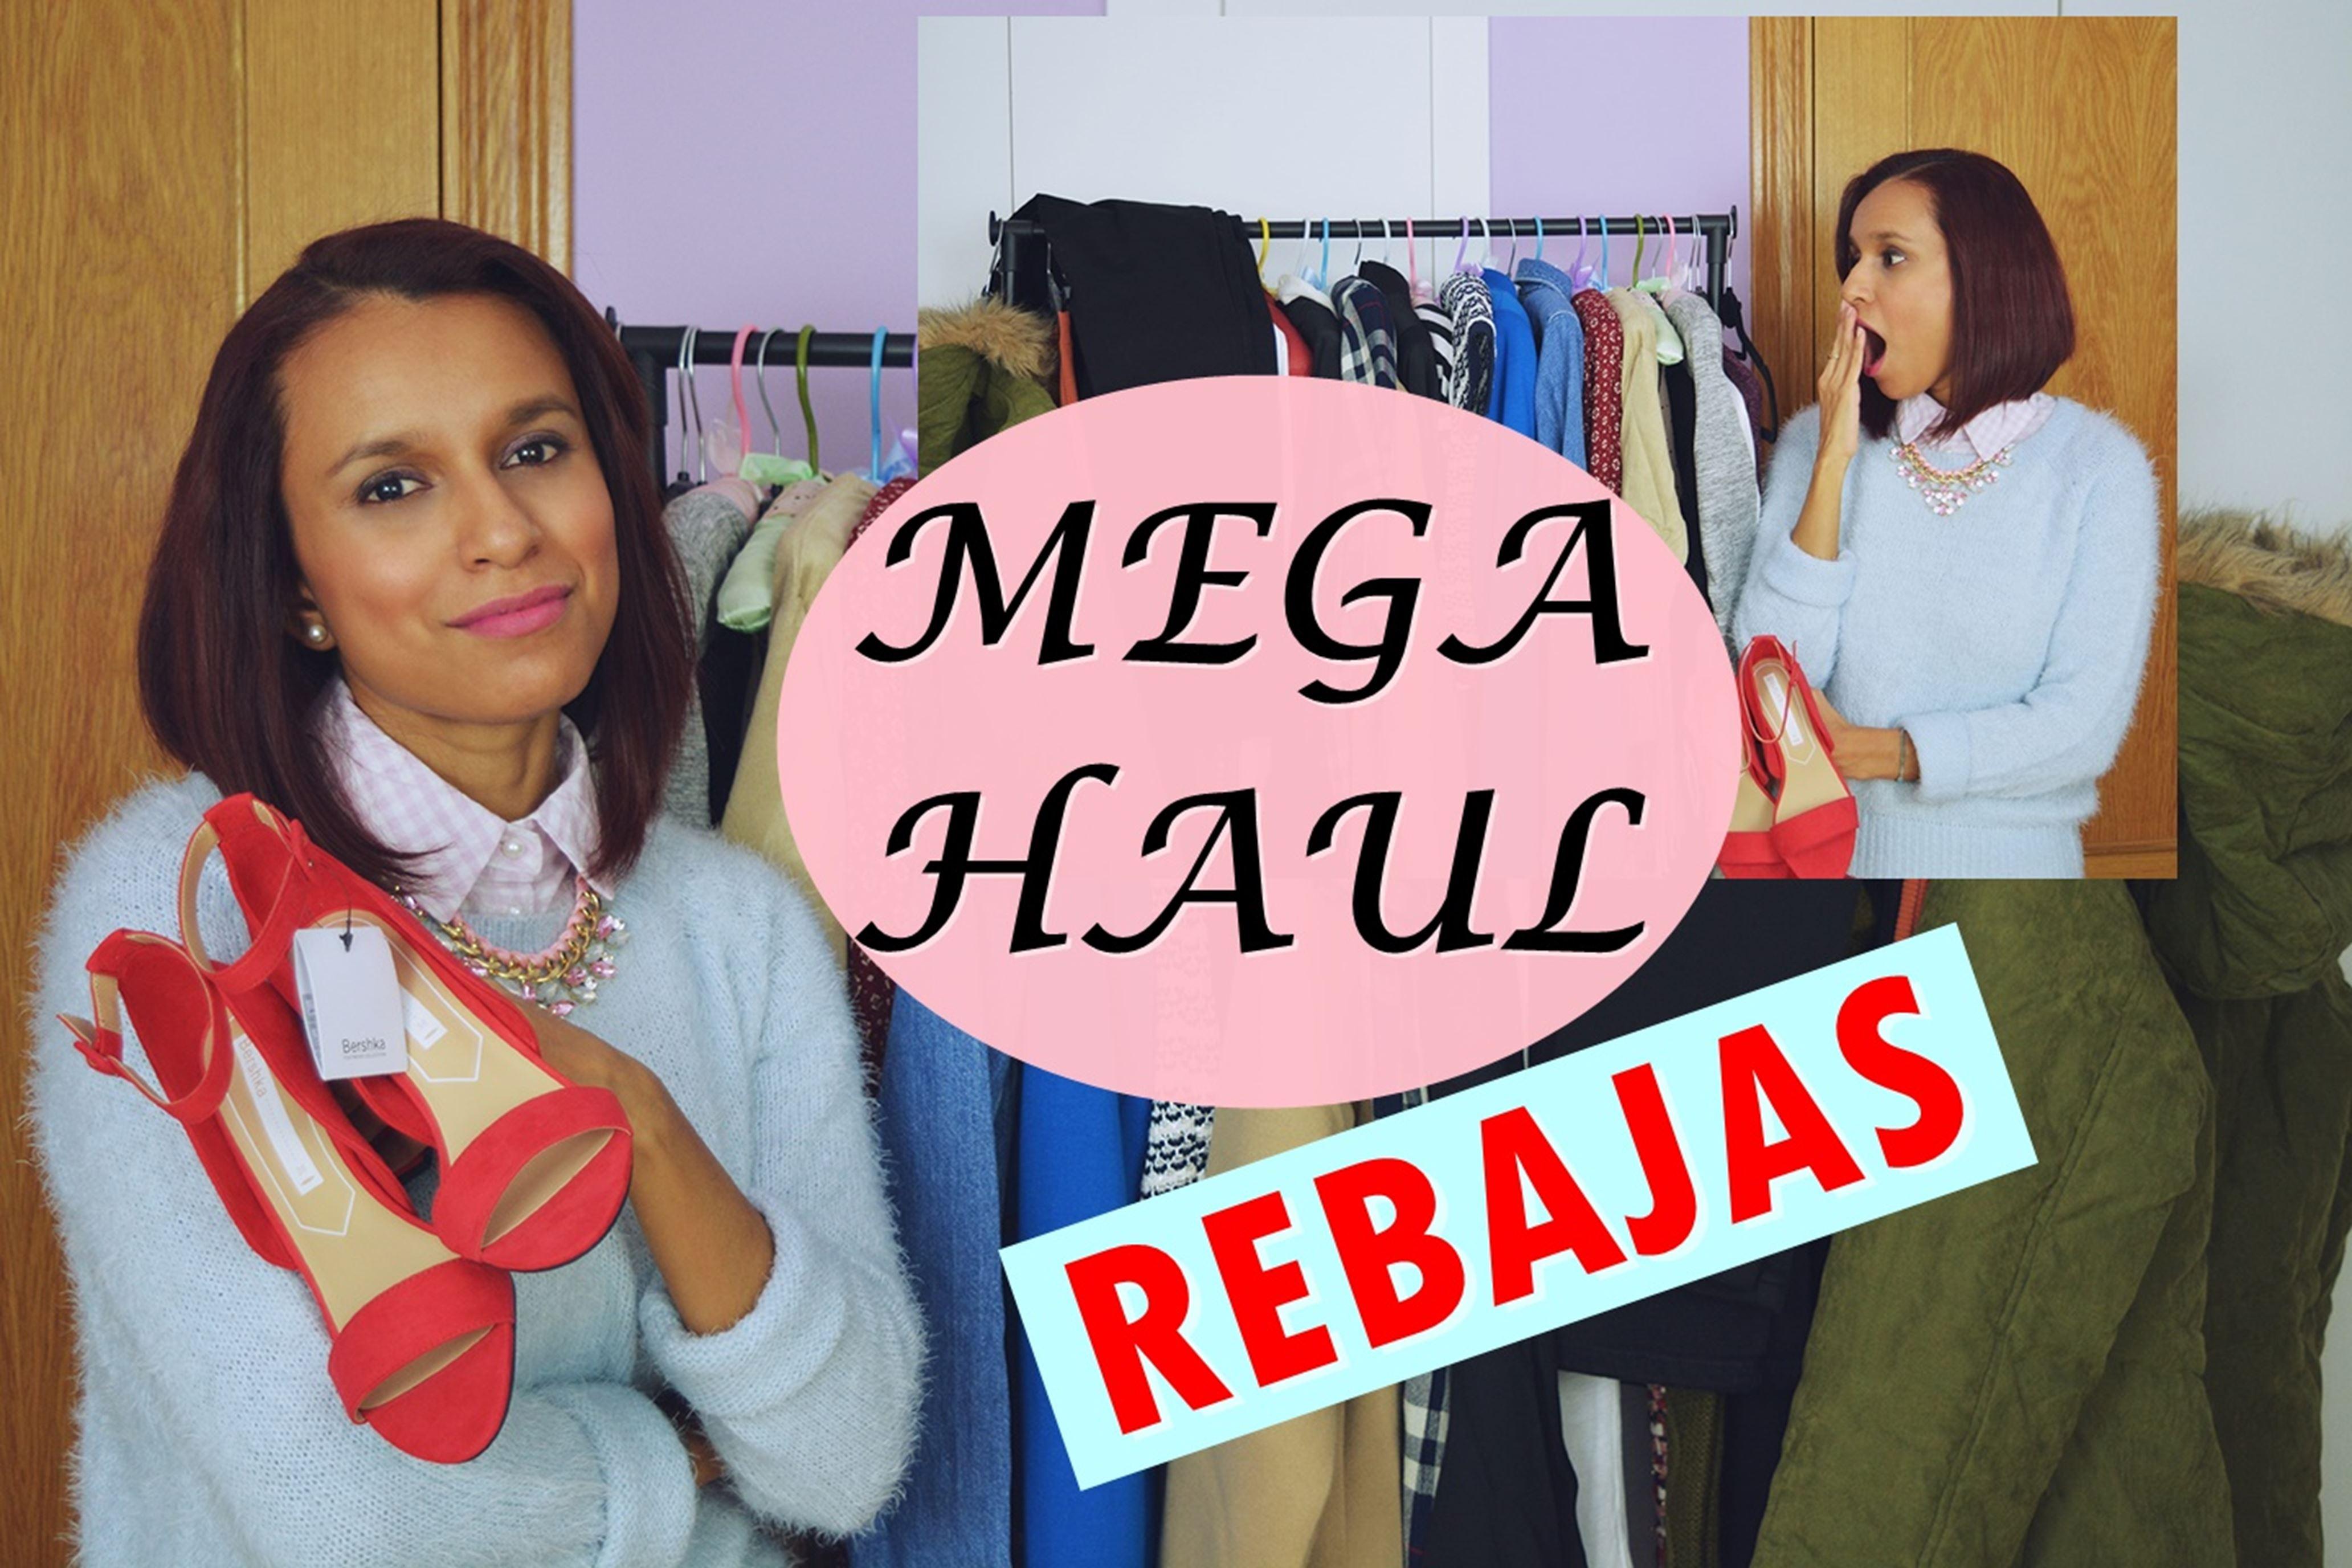 Nuevo vídeo, MEGA HAUL de REBAJAS